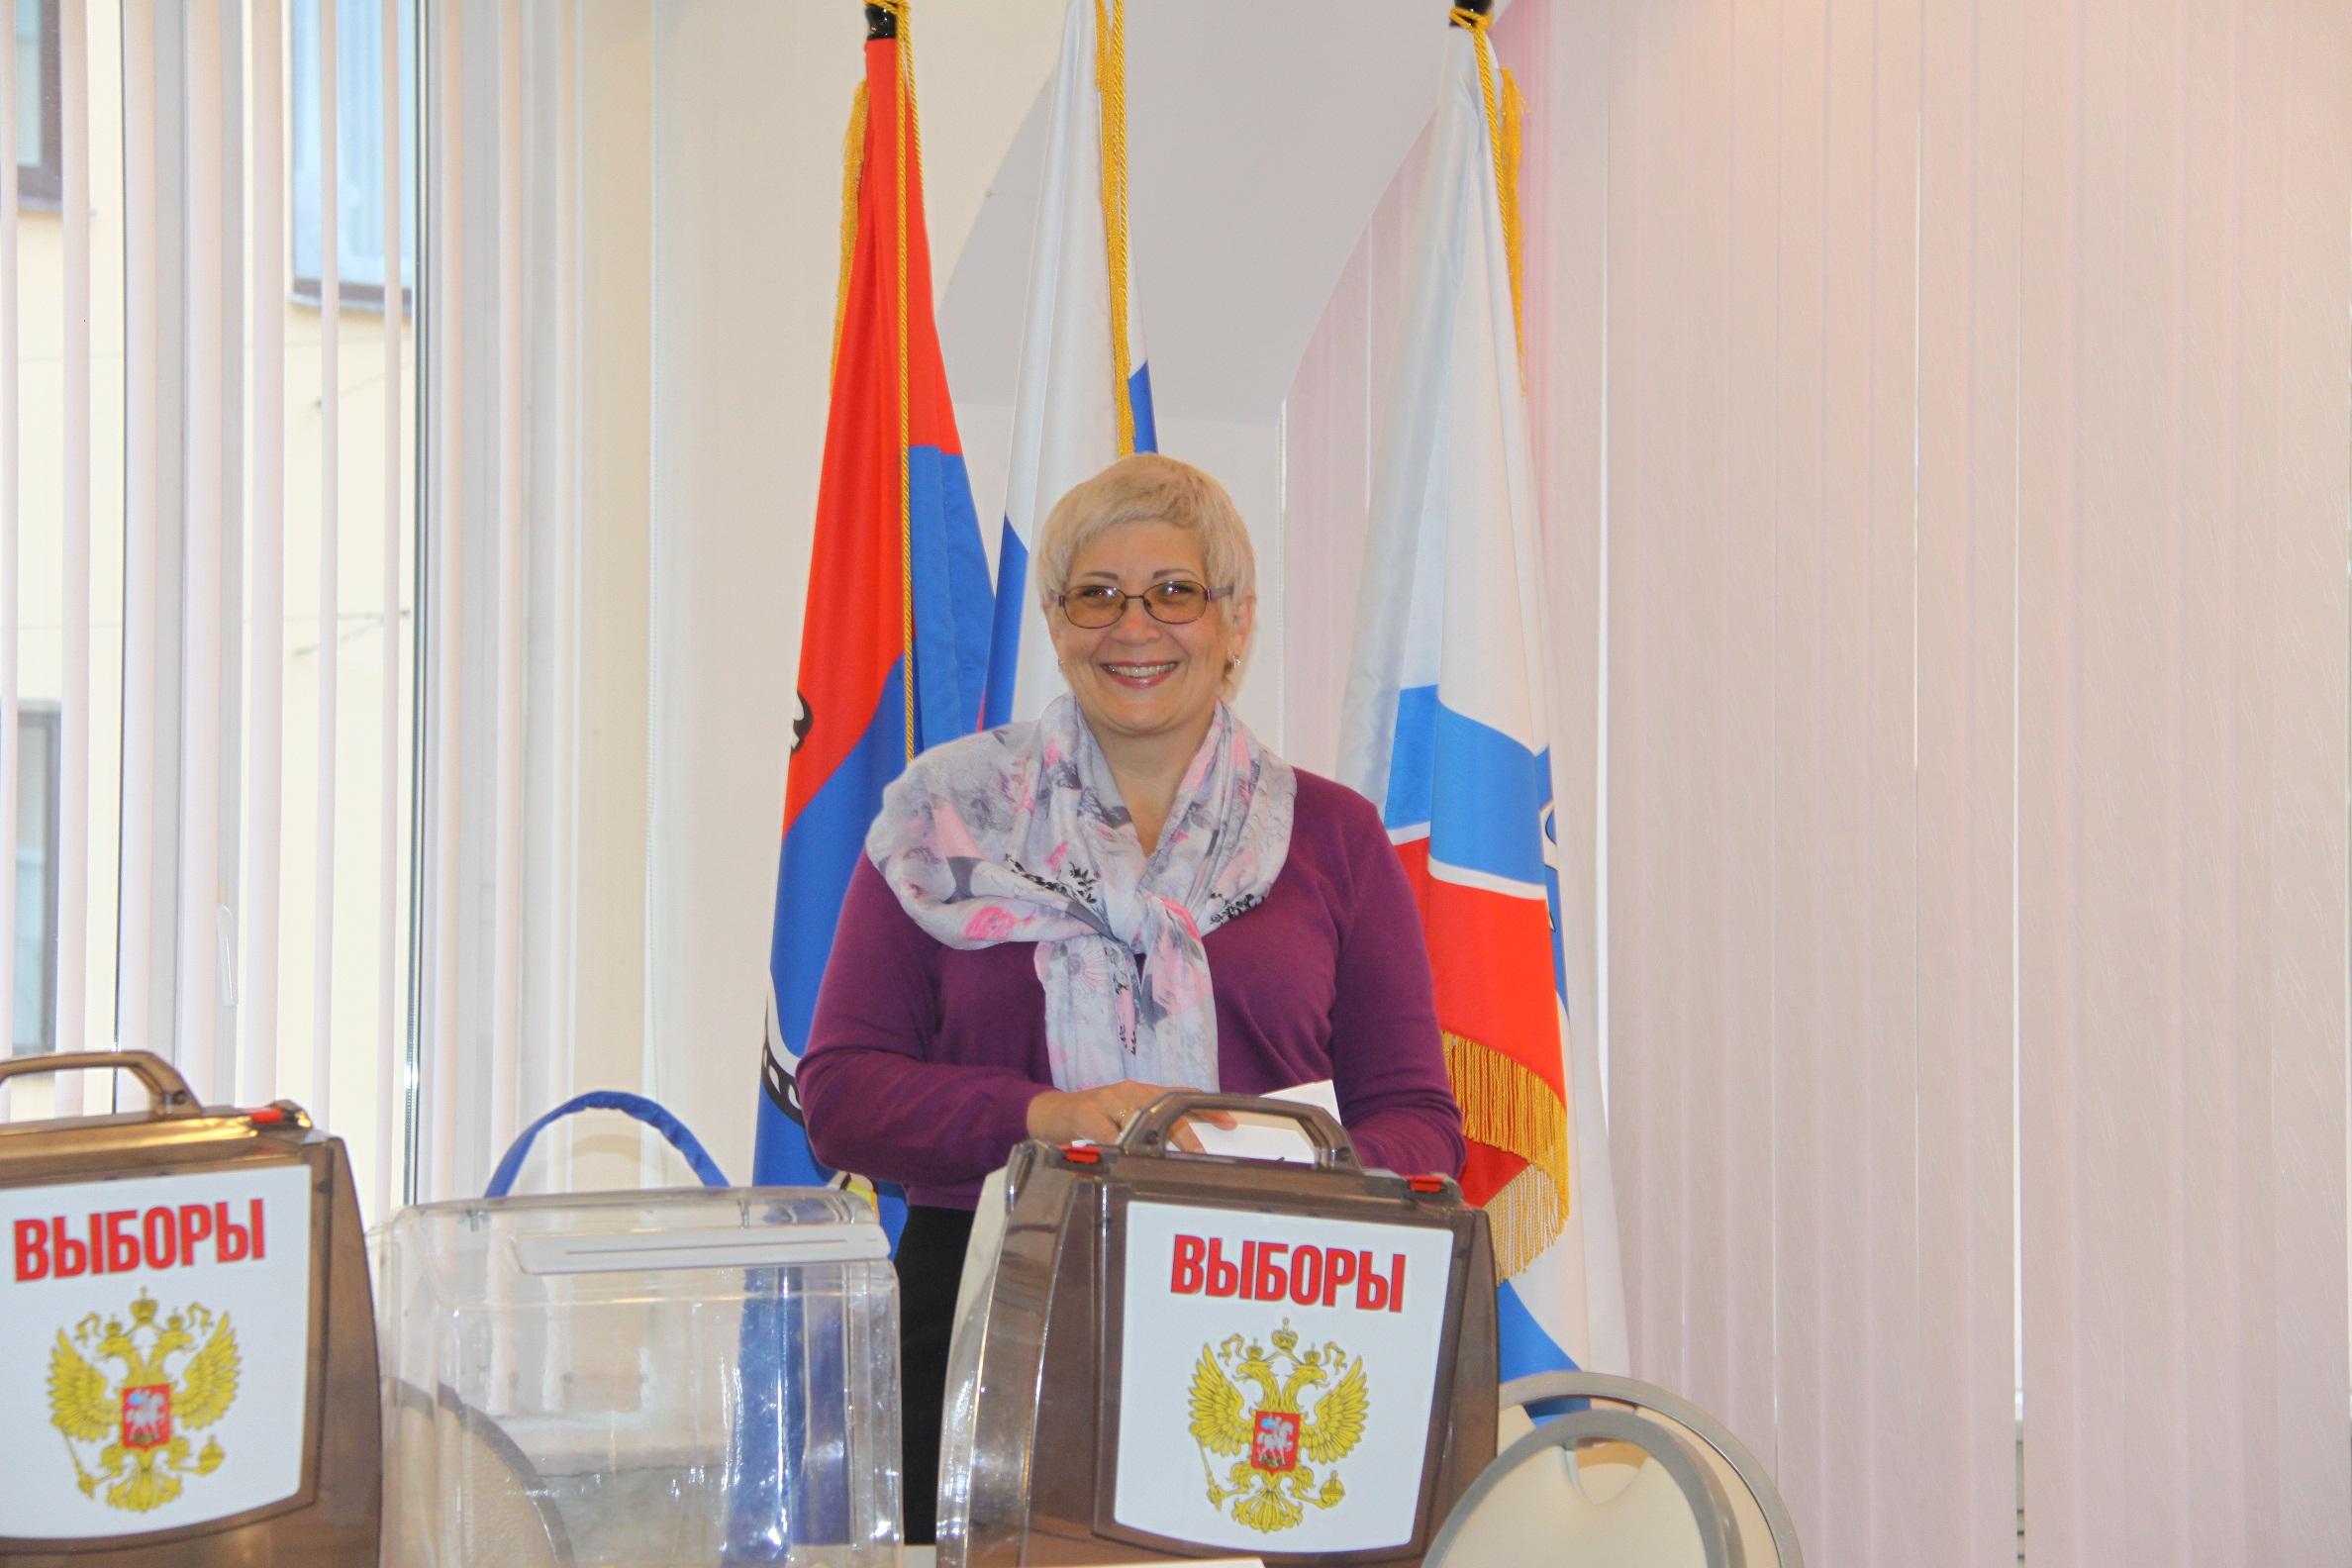 Член участковой комиссии с правом решающего голоса